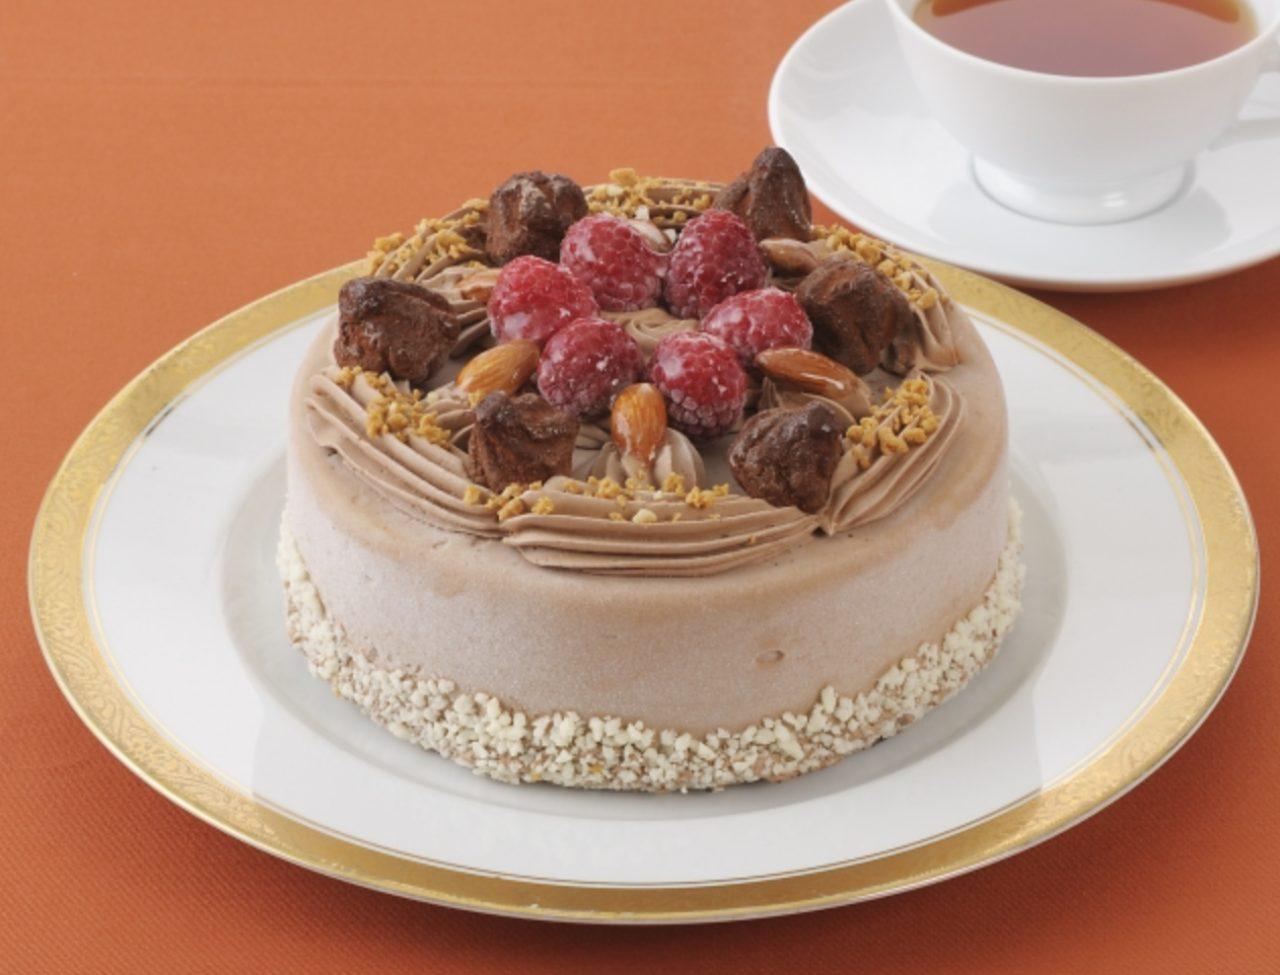 画像: ケーキのこだわりを、アイスにも!ベルギー産チョコレートを使った本格派のアイスケーキ!